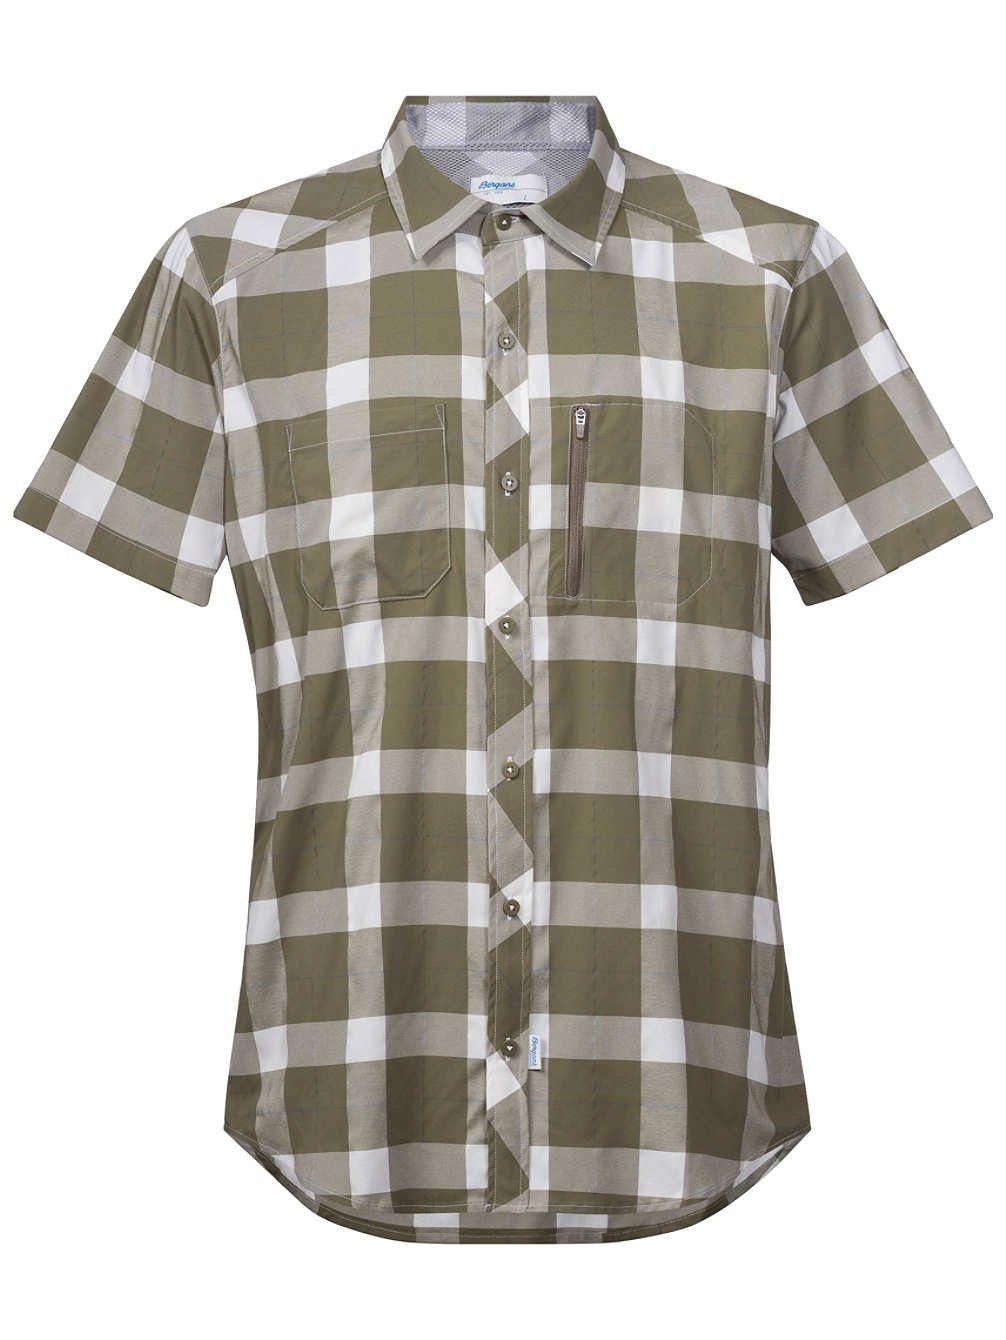 Khakivert blanc check S Bergans Jondal ajusté Chemise à Manches Courtes pour Homme Bleu Blanc 2017 ajusté T-Shirt à Manches Courtes